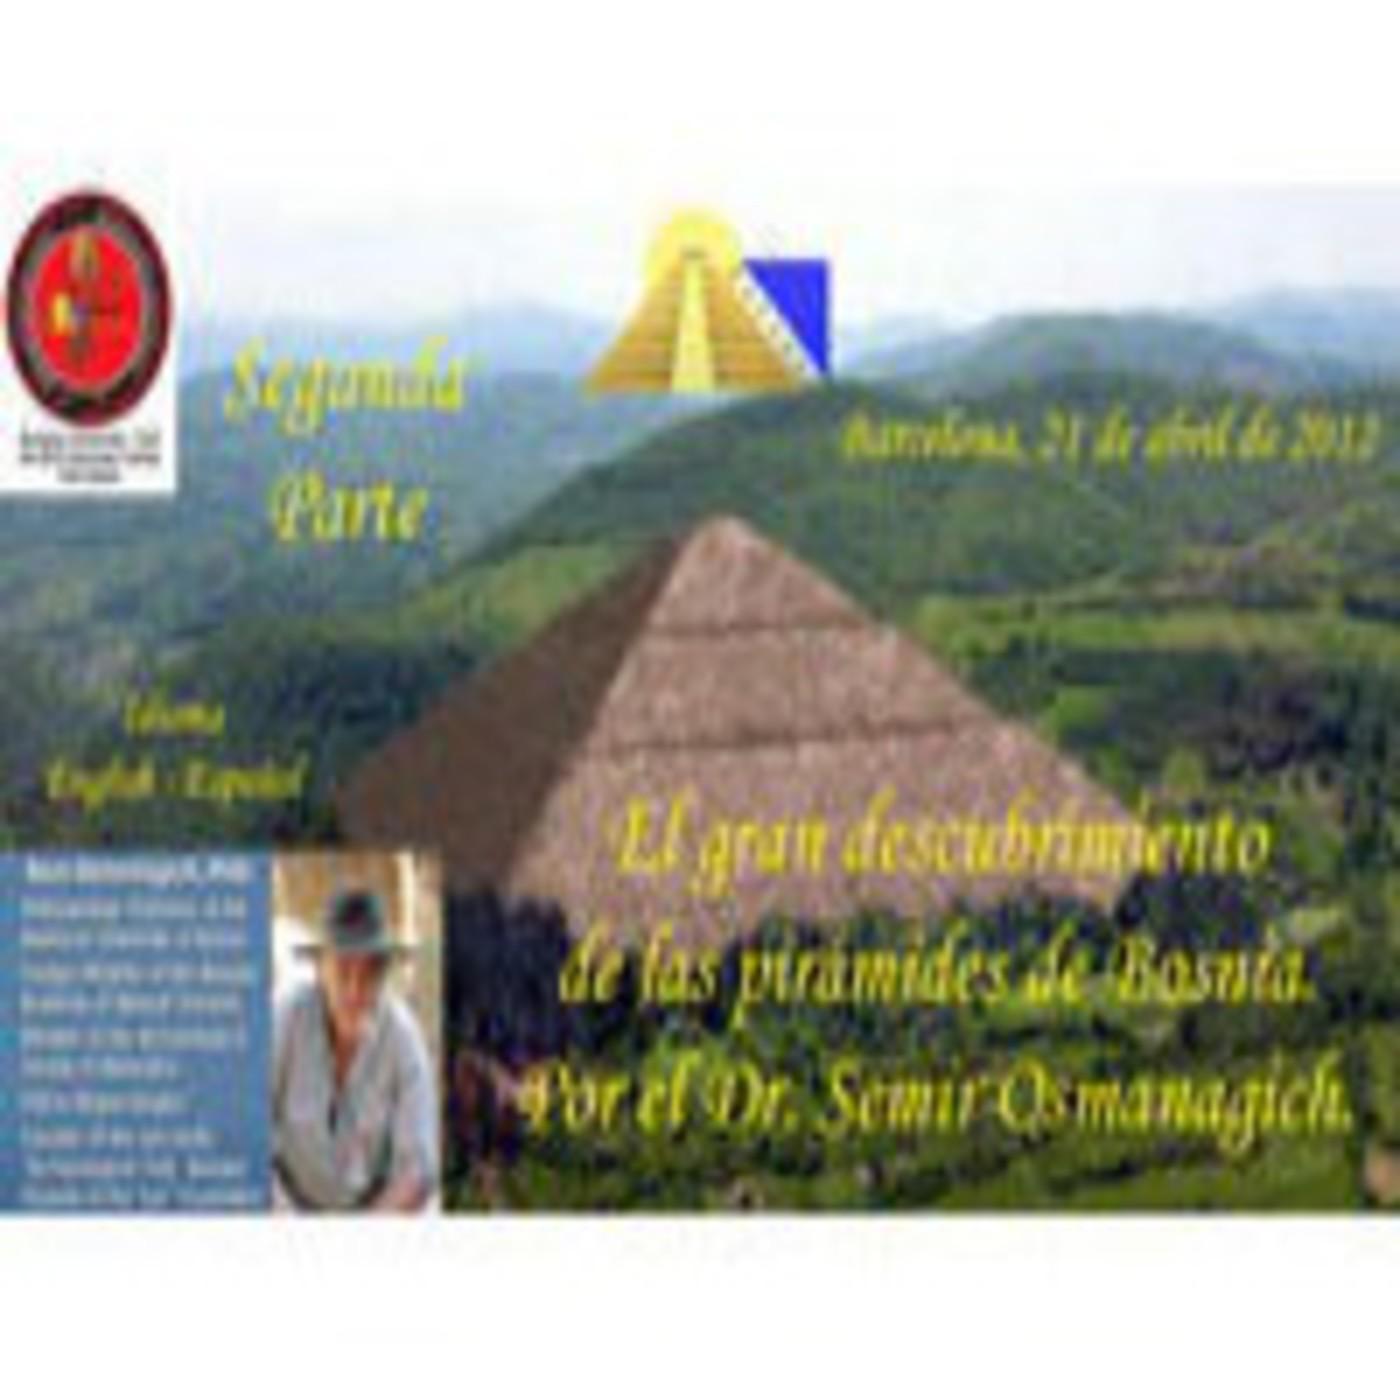 El gran descubrimiento de las pirámides de Bosnia - 2ª parte ...